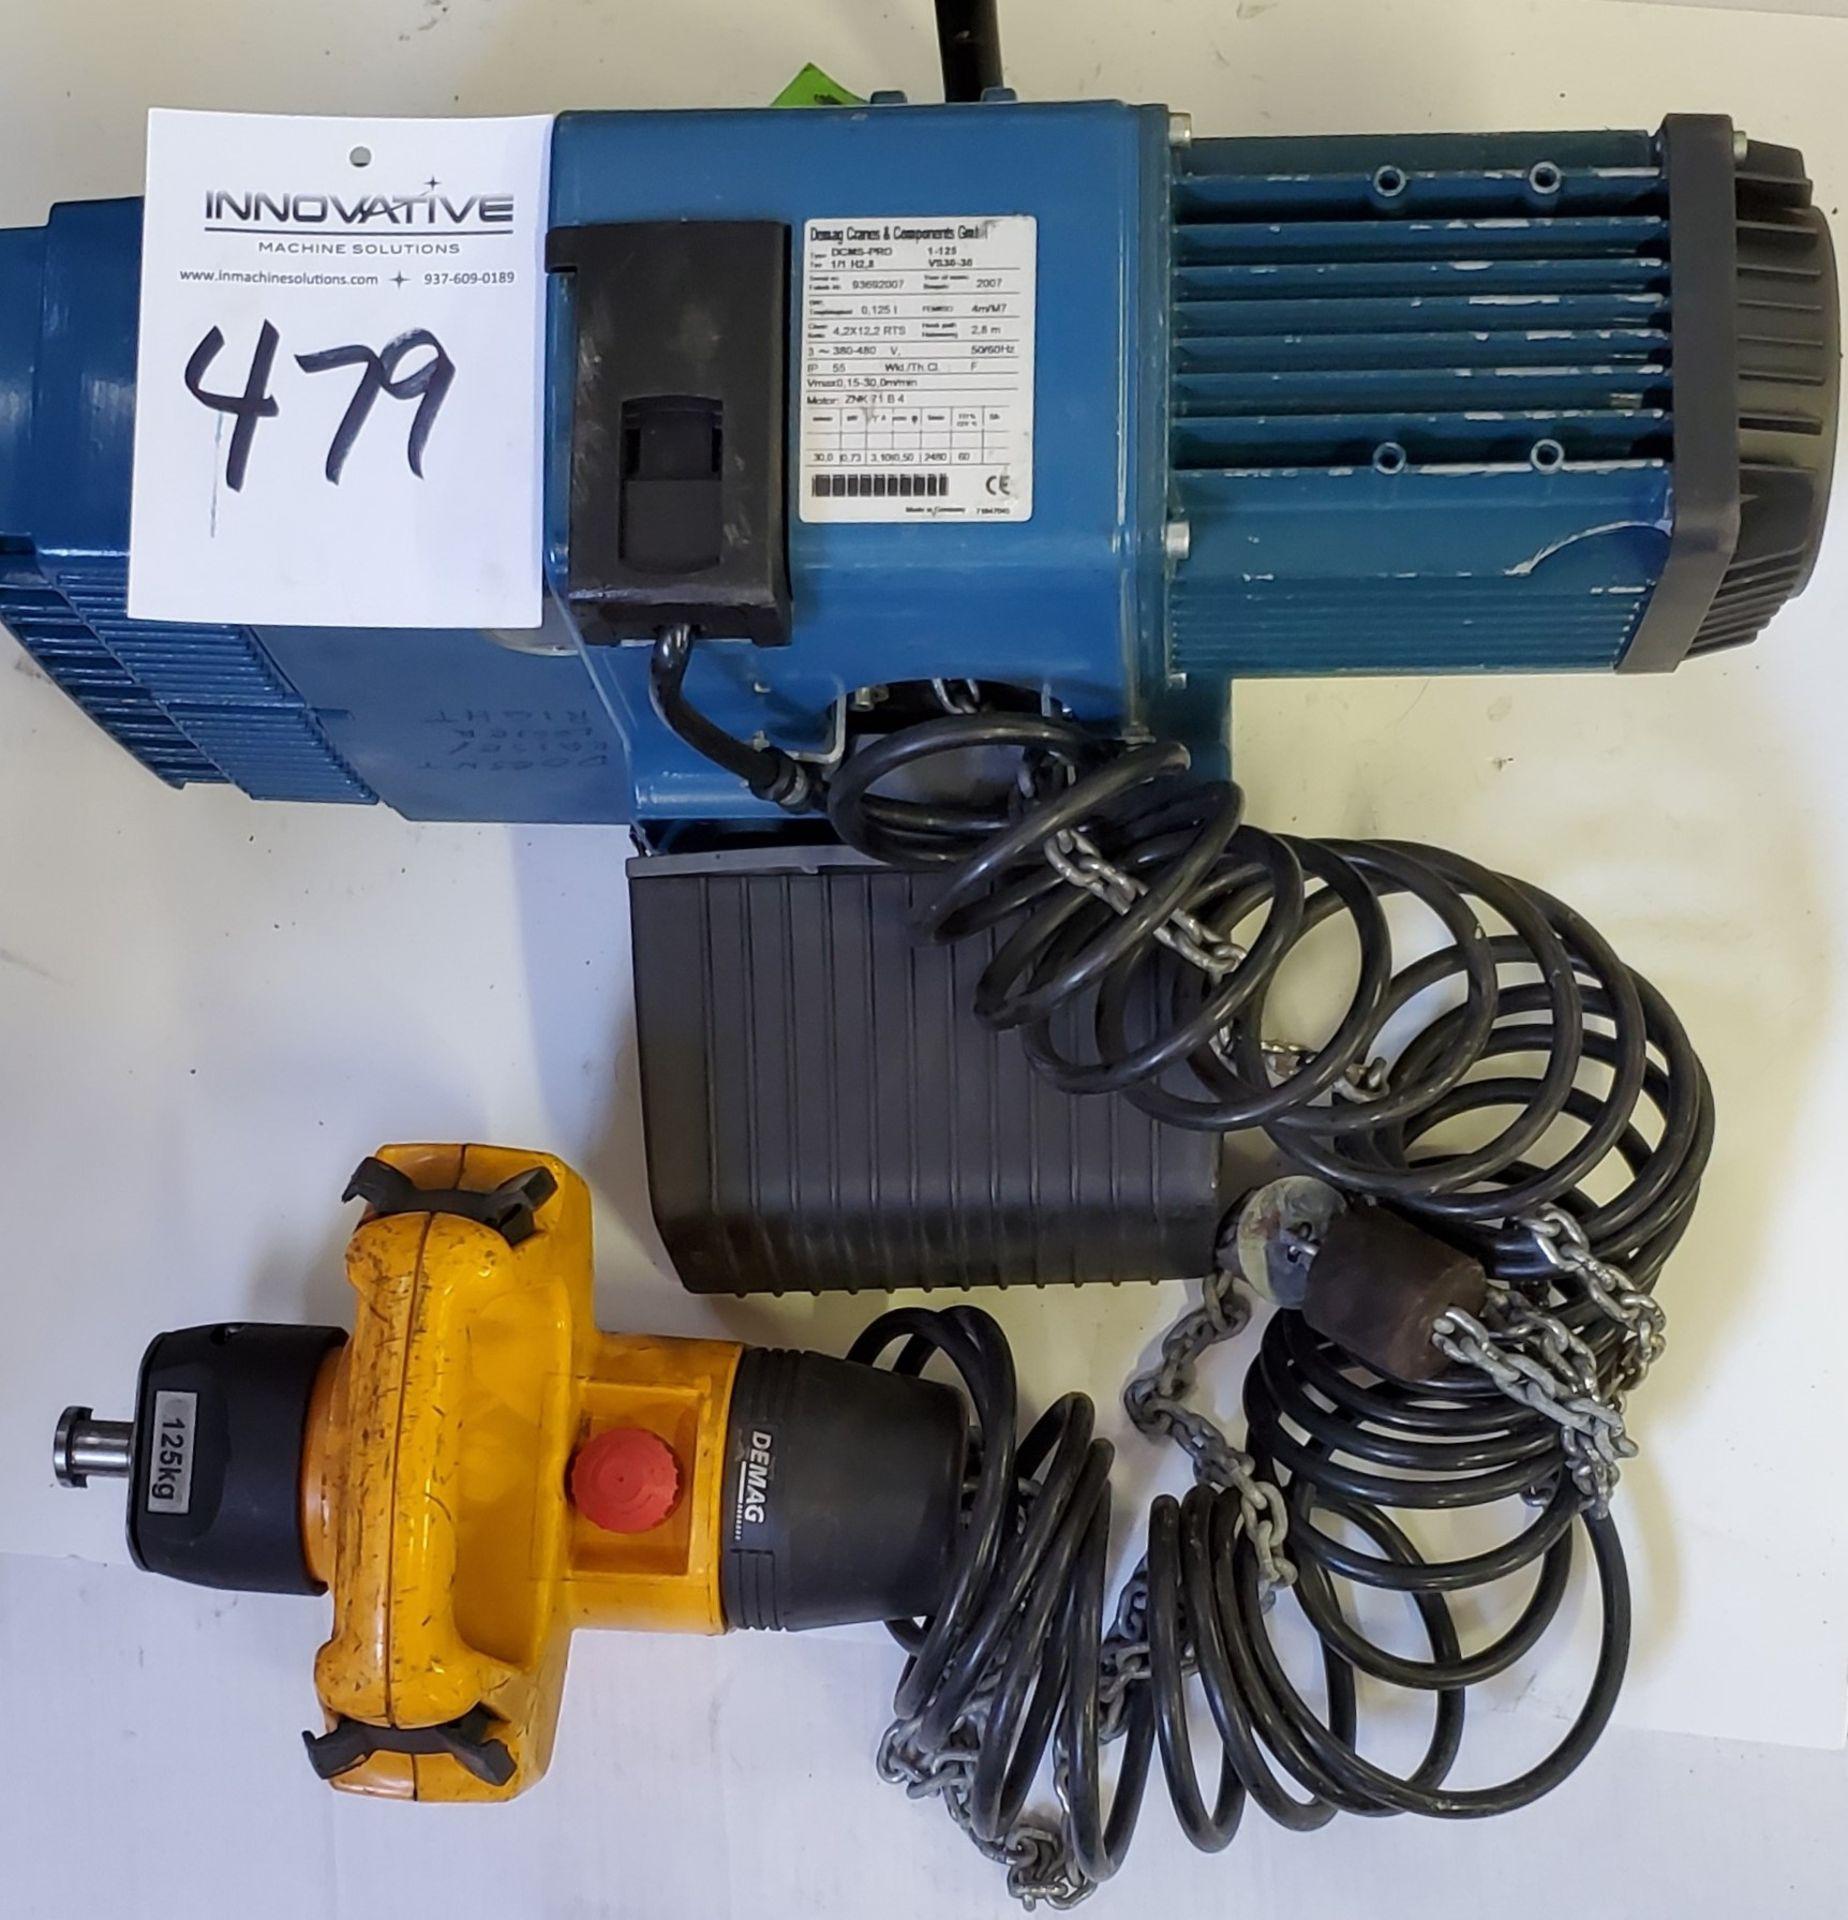 Lot 479 - Demag Pro Manulift with DSM-CS Control 125 kg, 3 phase, 380/480 v